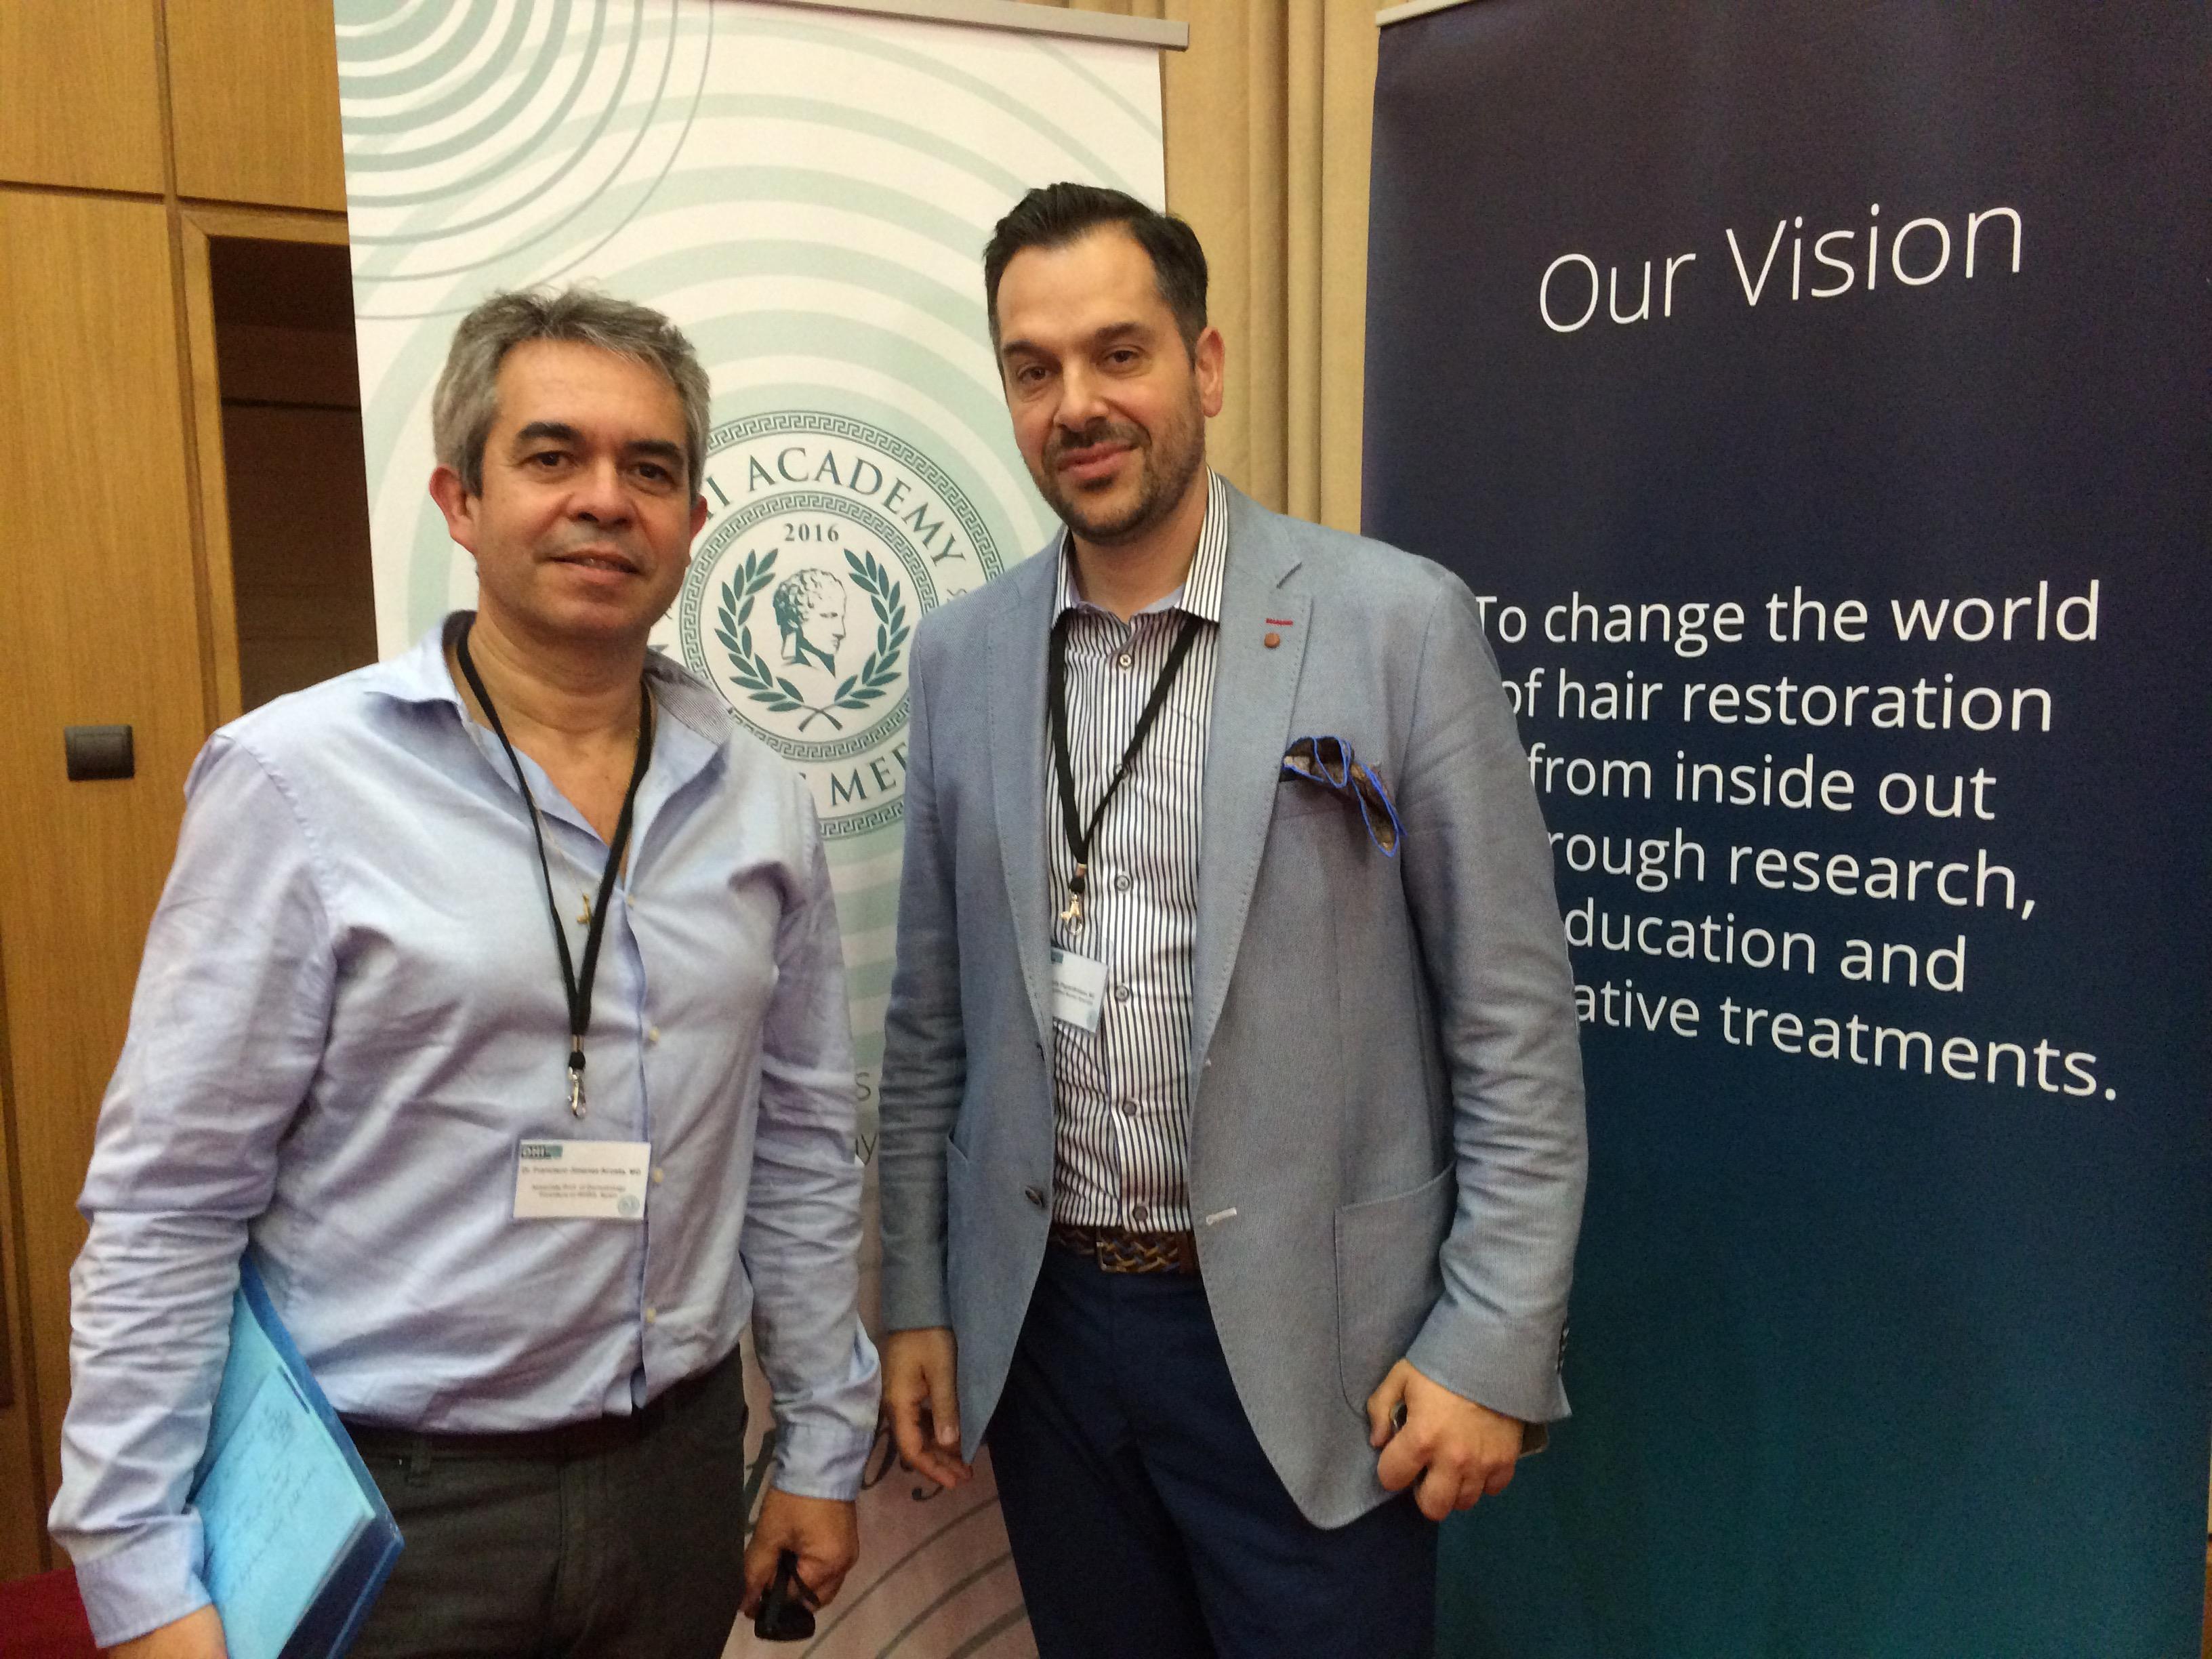 El Dr. Jiménez Acosta, conferenciante invitado del Master Meeting DHI en Atenas